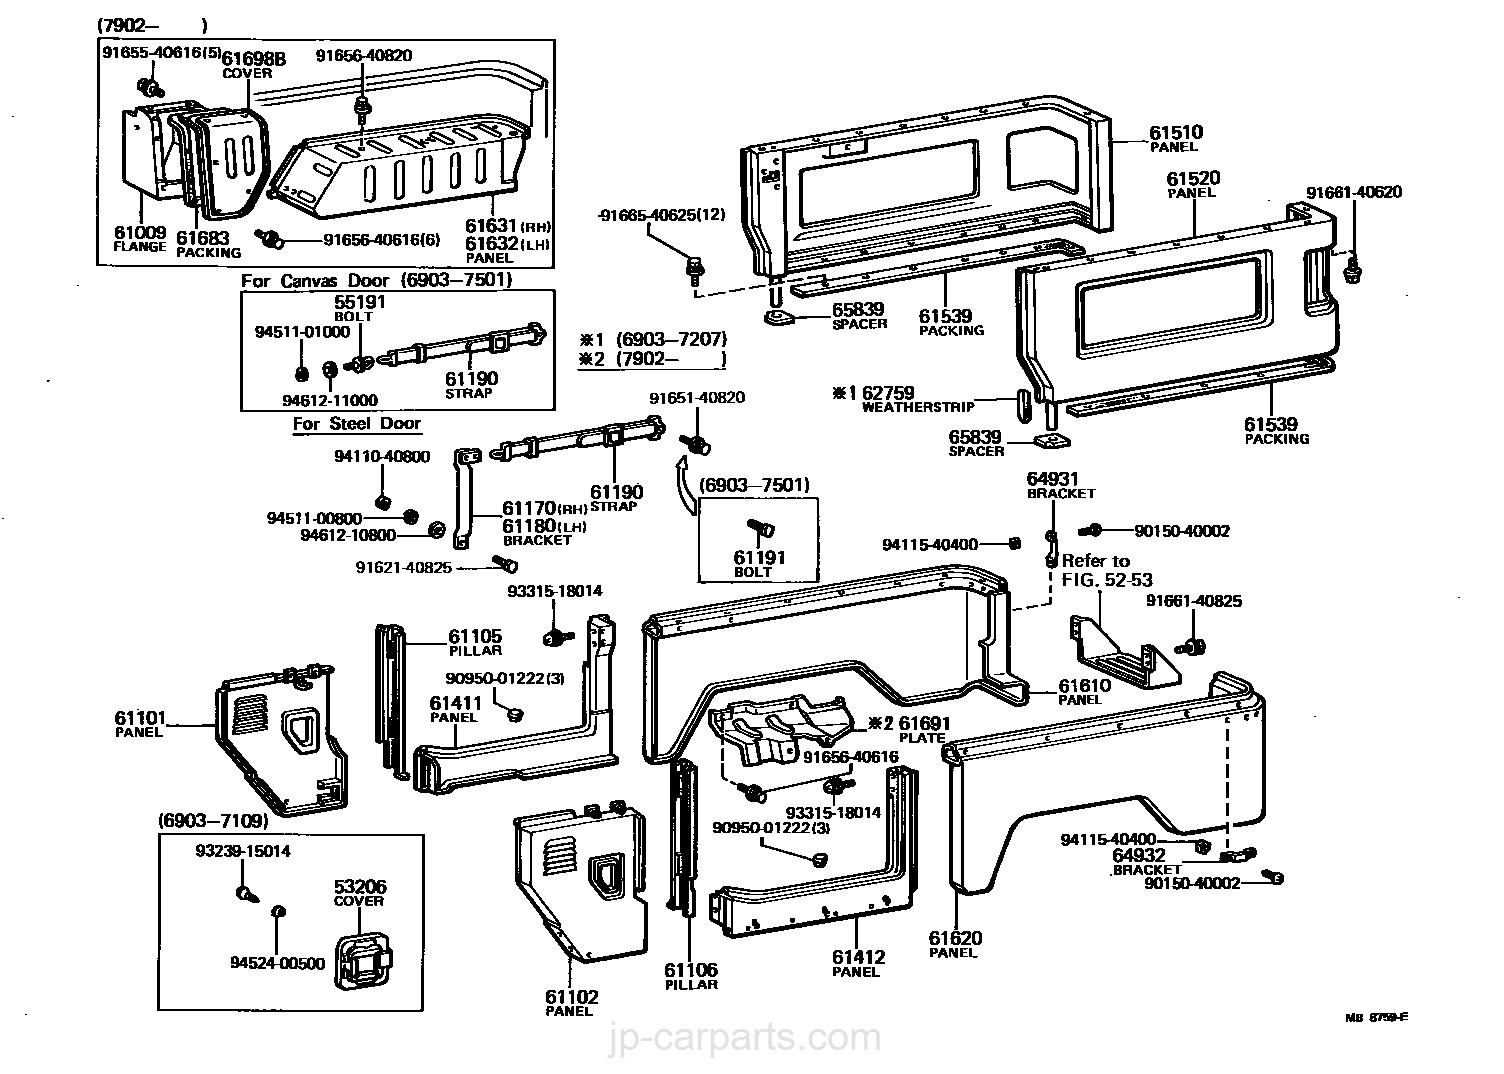 fj40 body diagram